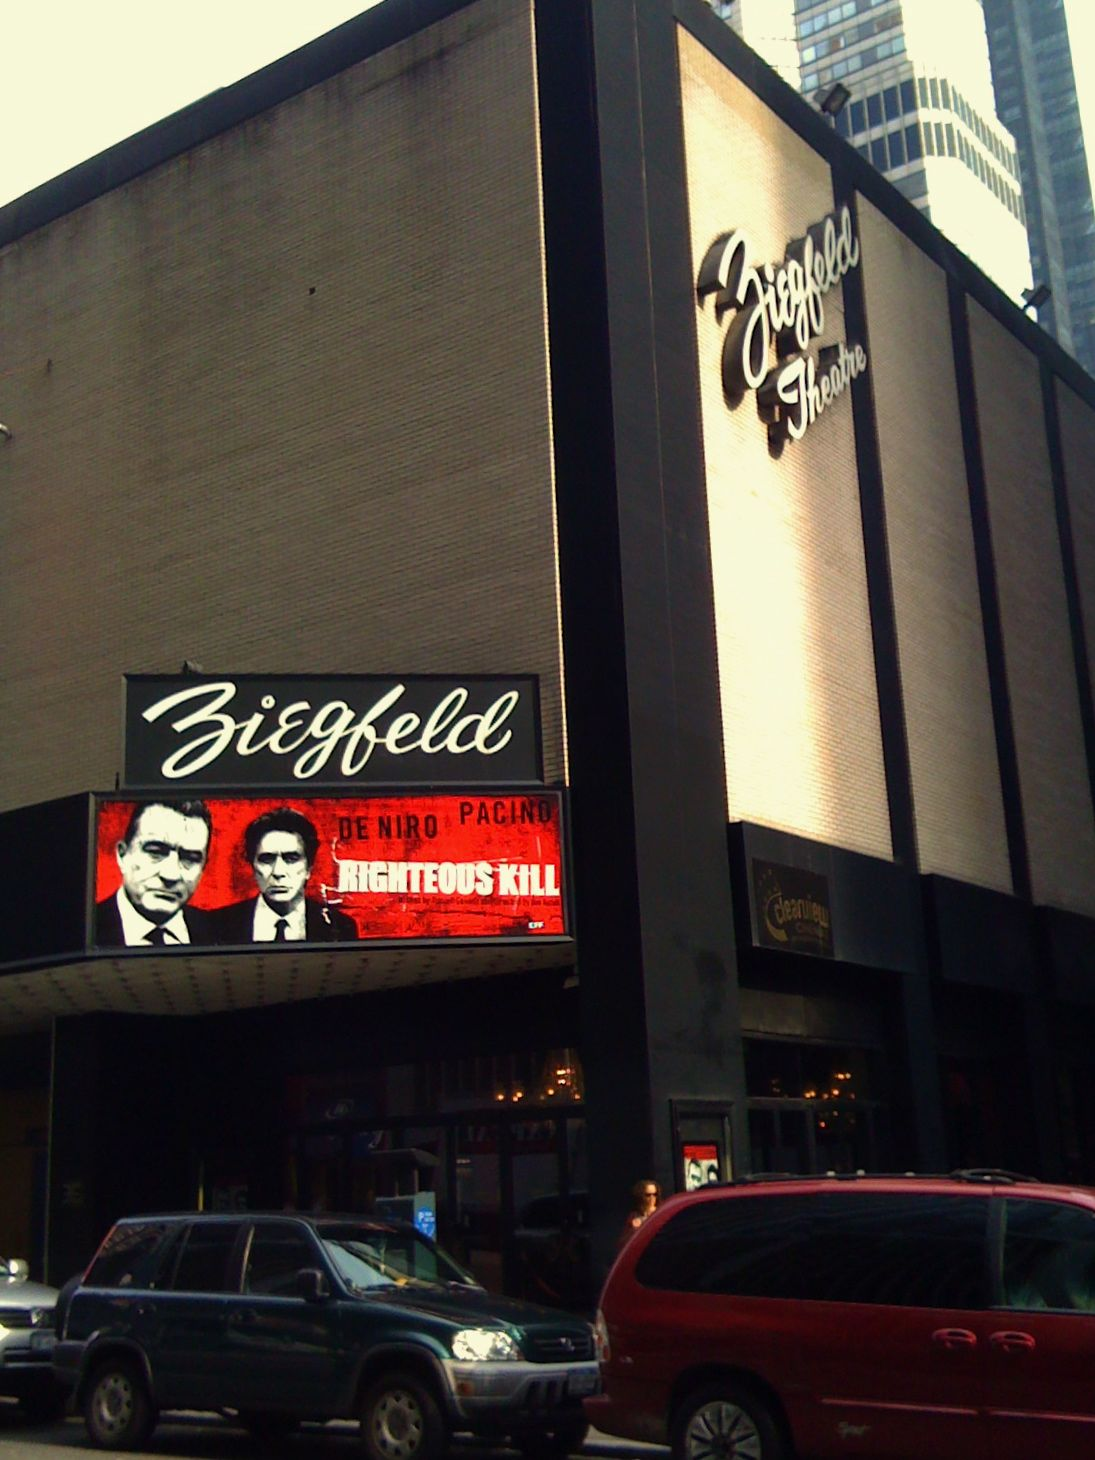 Ziegfeld exteriorjpg.jpg